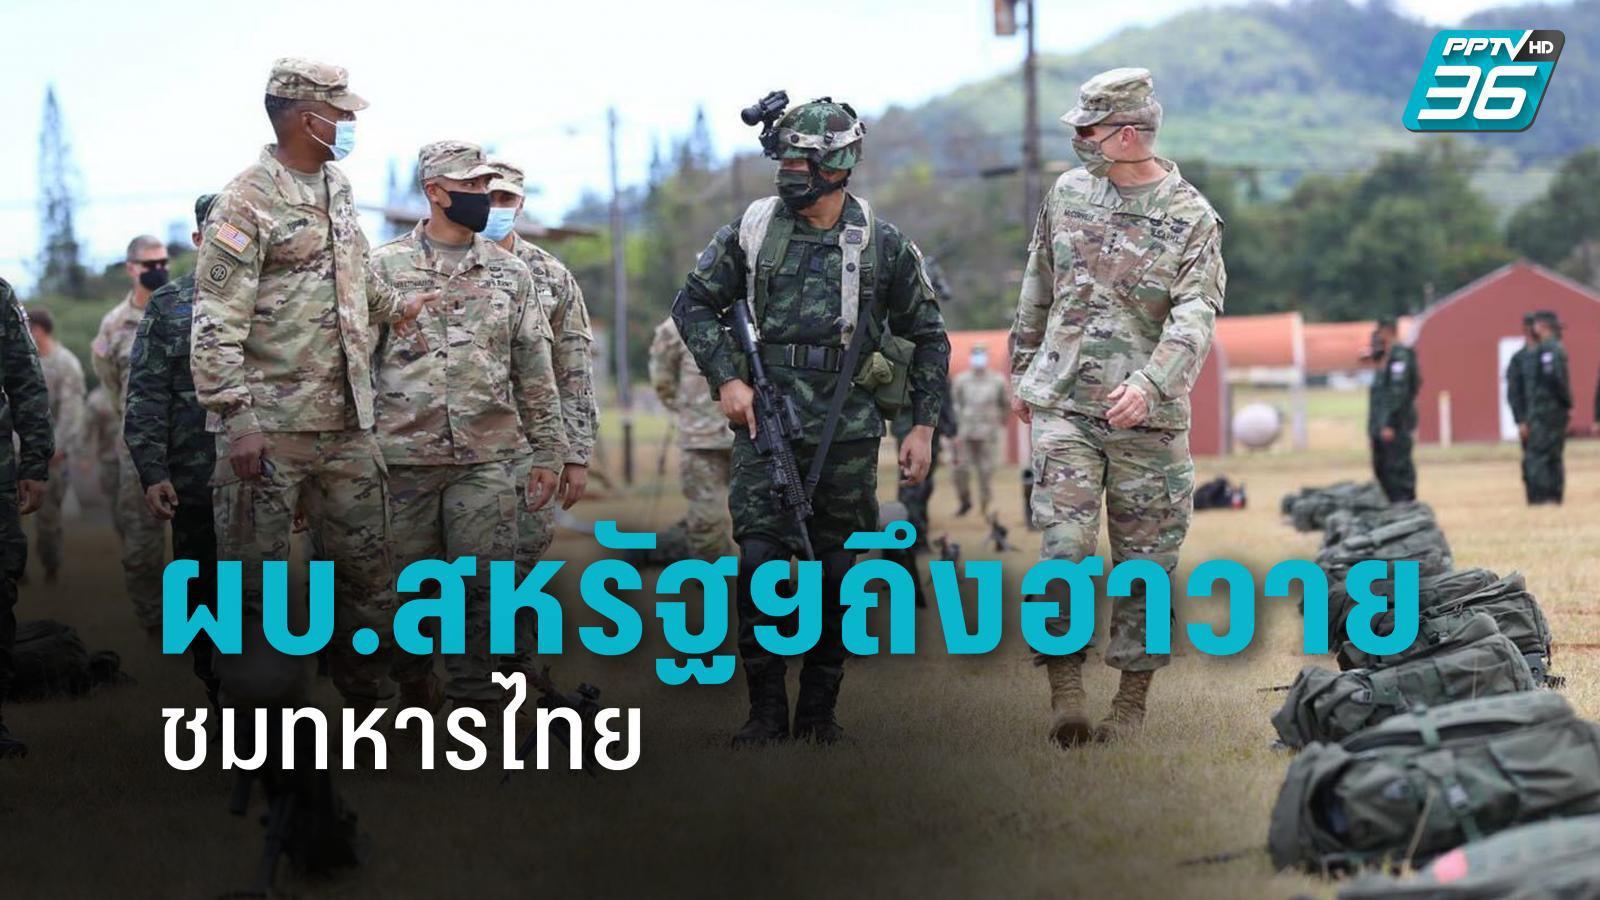 ก่อนถึงไทย 'ผบ.ทบ.สหรัฐฯ' เช็คอินฮาวาย ชม 'ร้อย ร.ไทย' สนใจเป้ - แผนการทหารไทย